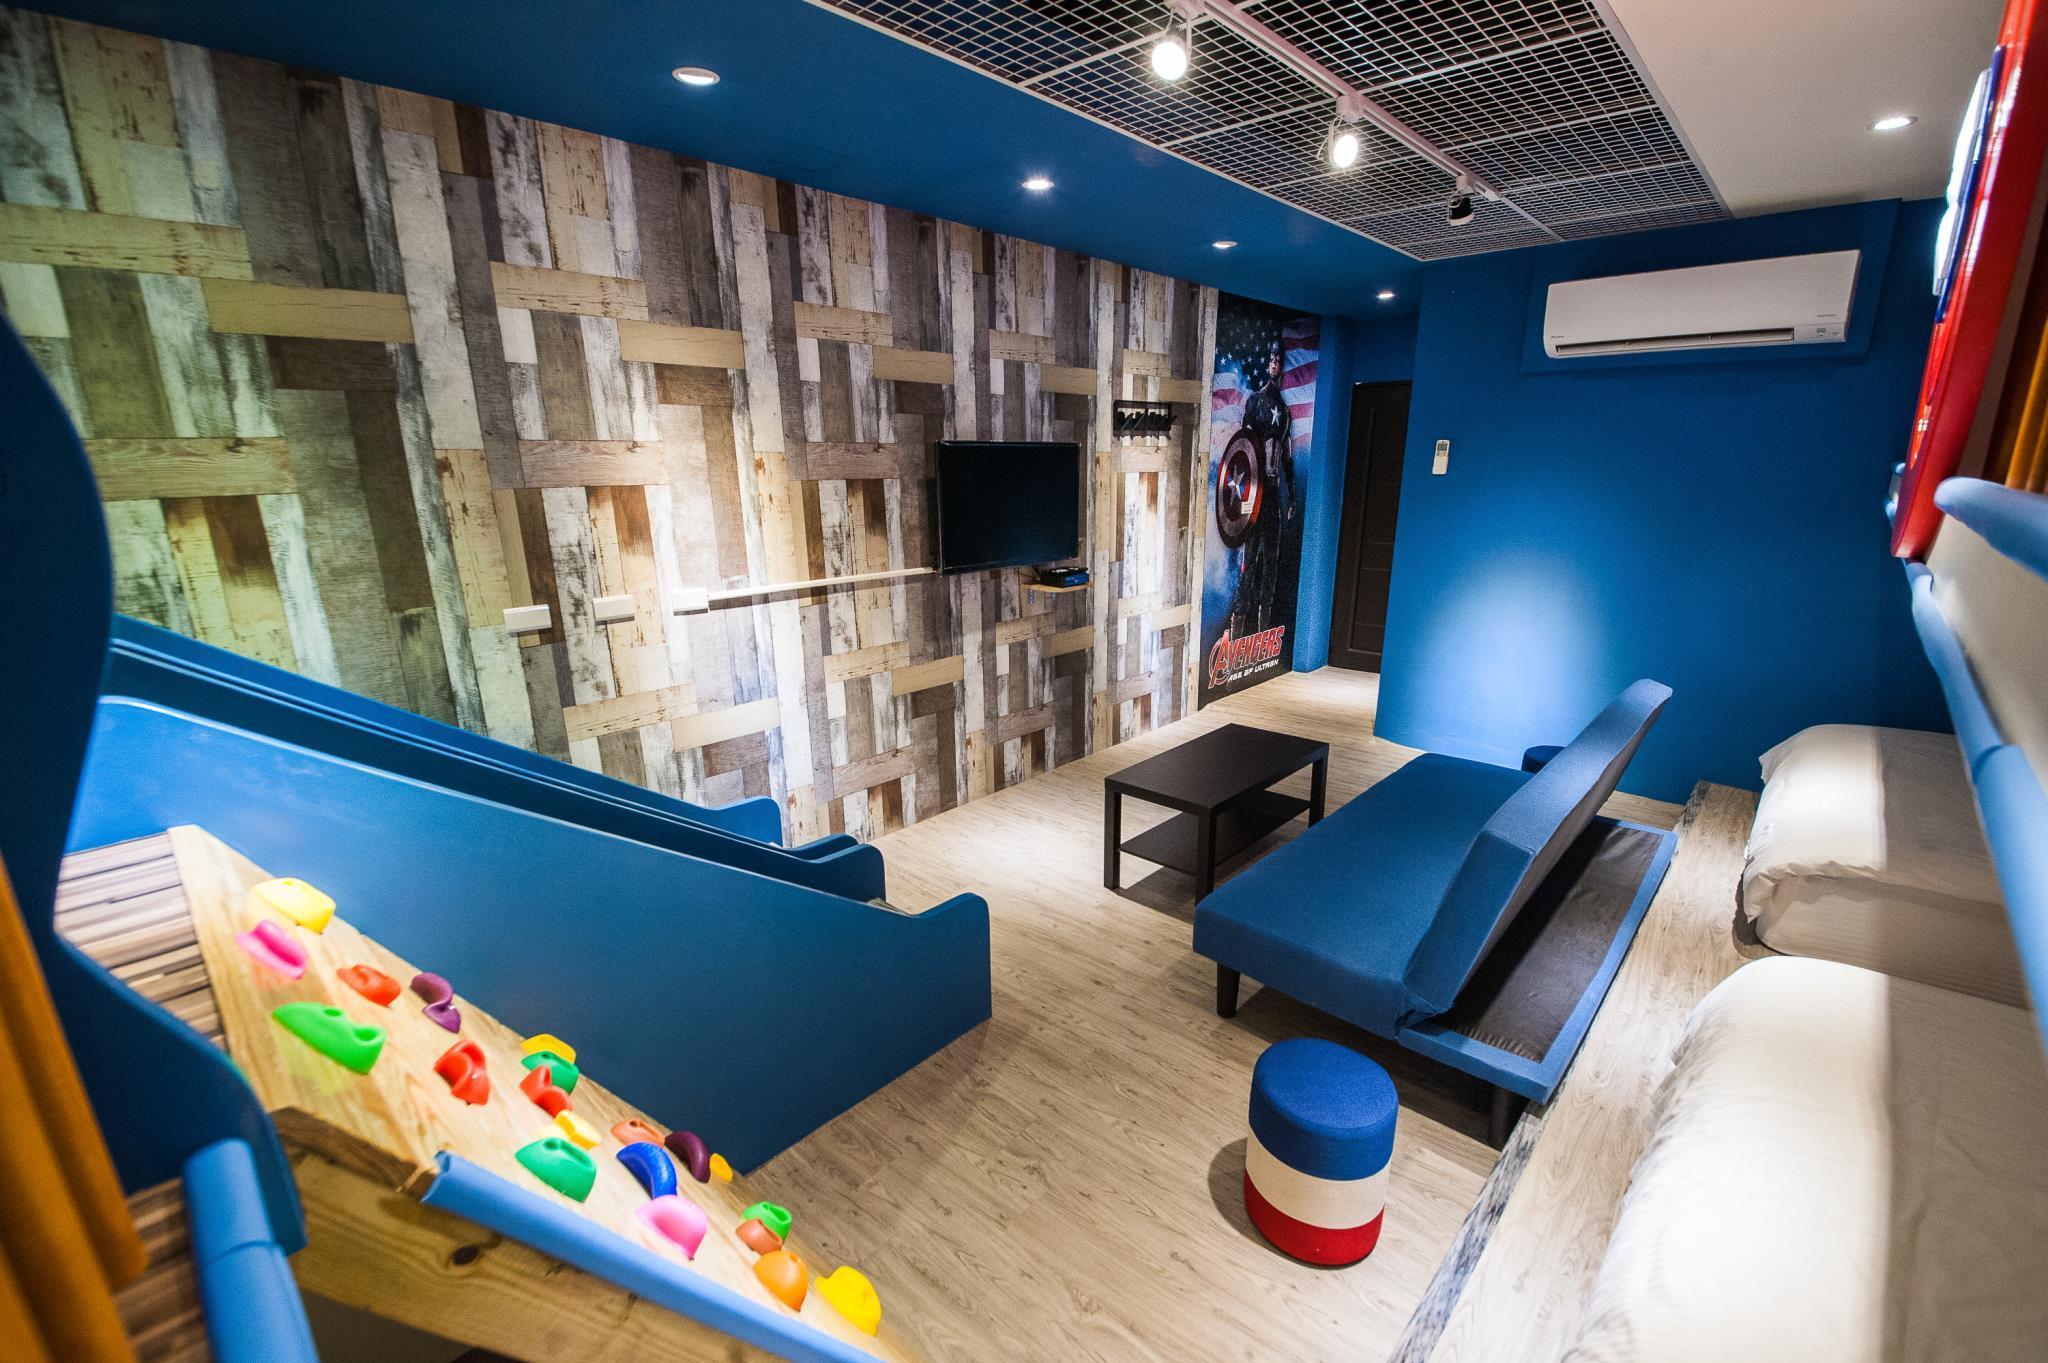 羅東民宿威勒曼親子溜滑梯 | 宜蘭縣 2020年 最新優惠 TWD3285 │ 點進來看照片和評論~